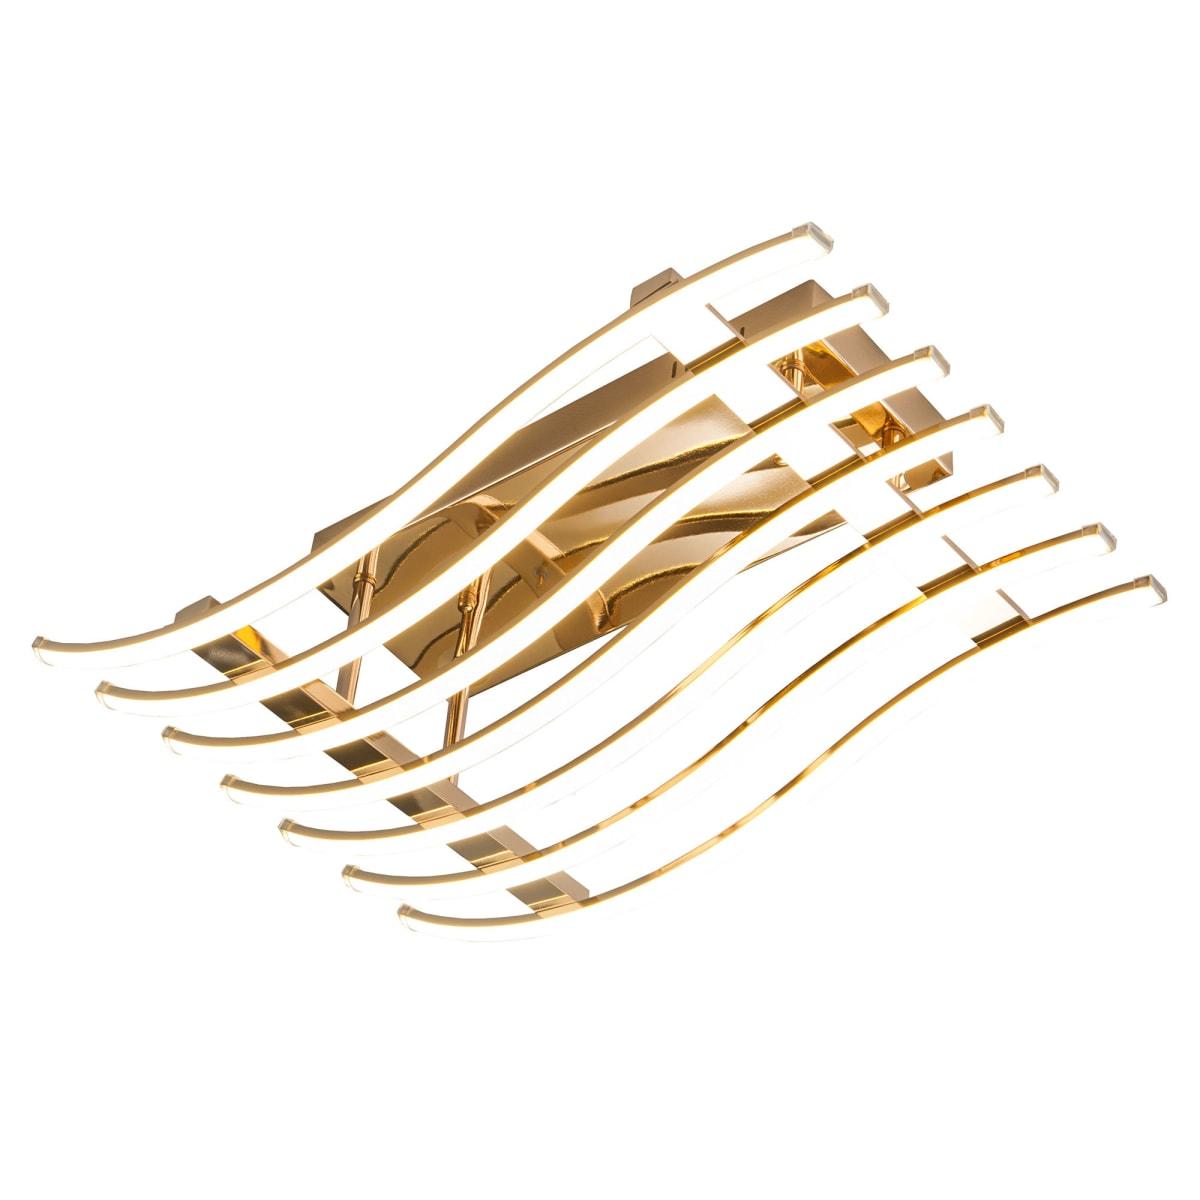 Люстра потолочная светодиодная Avery 90091/7, 39 м², белый свет, цвет золото